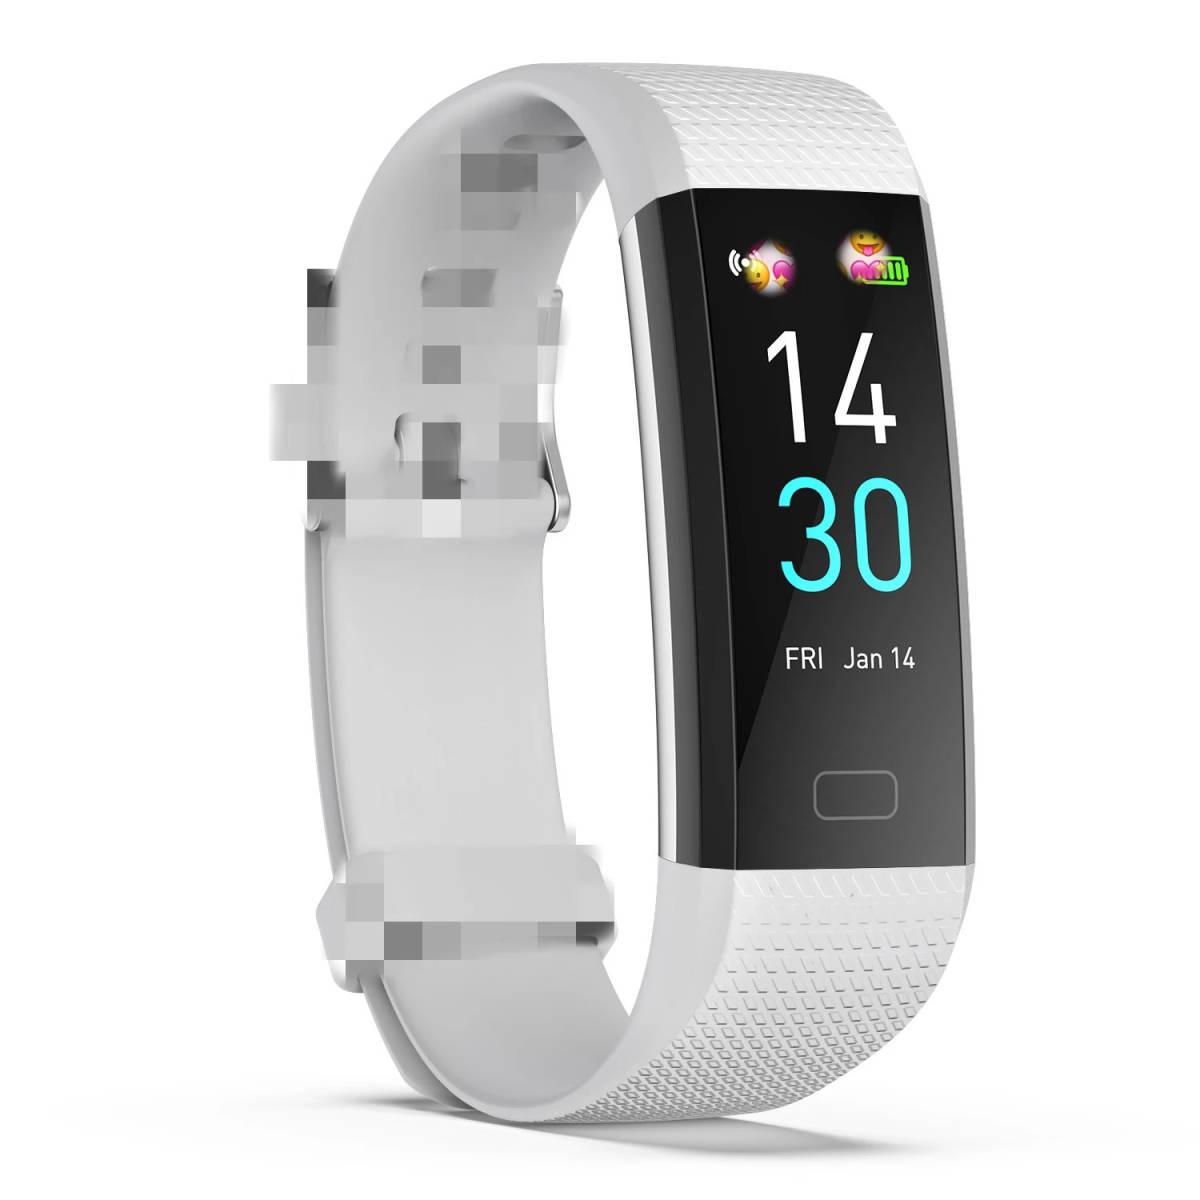 スマートバンド ブレスレット 体温測定 新品 S5スポーツスマート腕時計心拍数血圧と体温計測IP68防水ブレスレット男性 女性_画像10